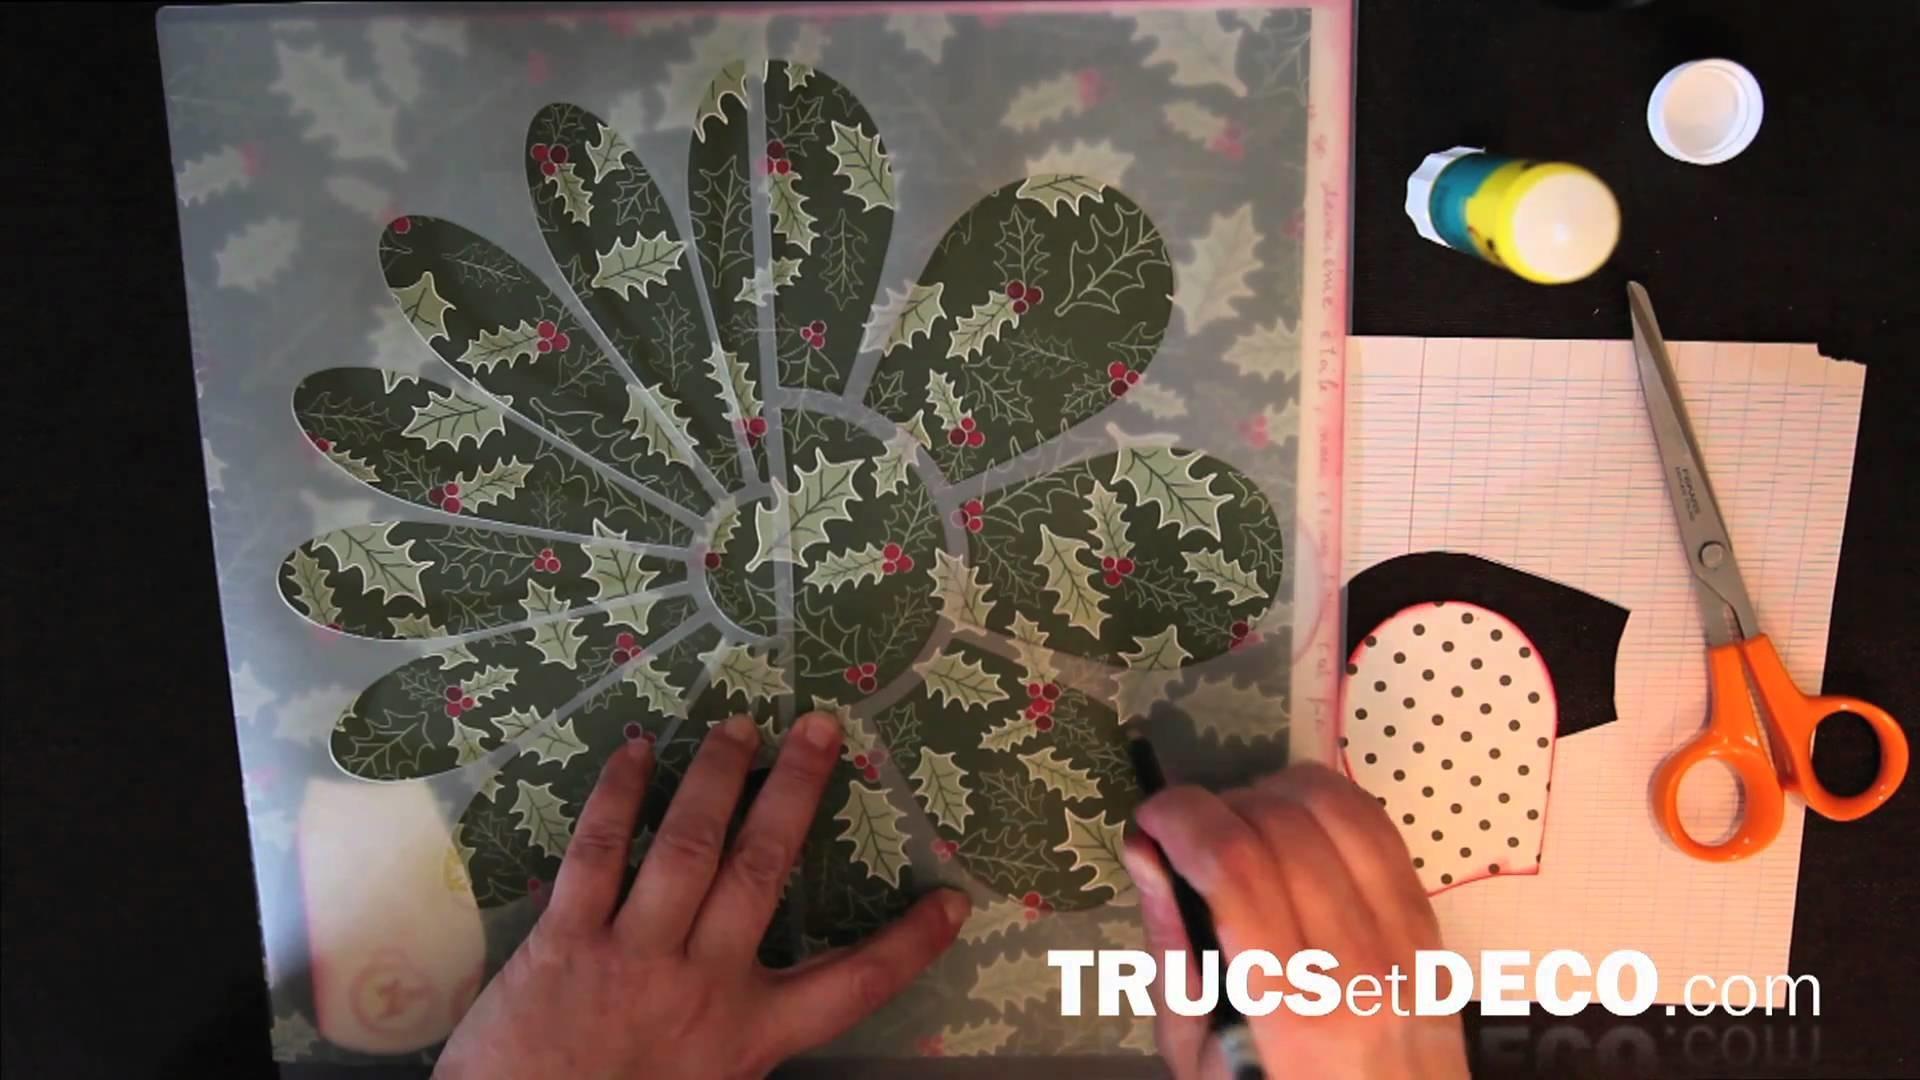 Effet patchwork en scrapbooking - Tutoriel par trucsetdeco.com